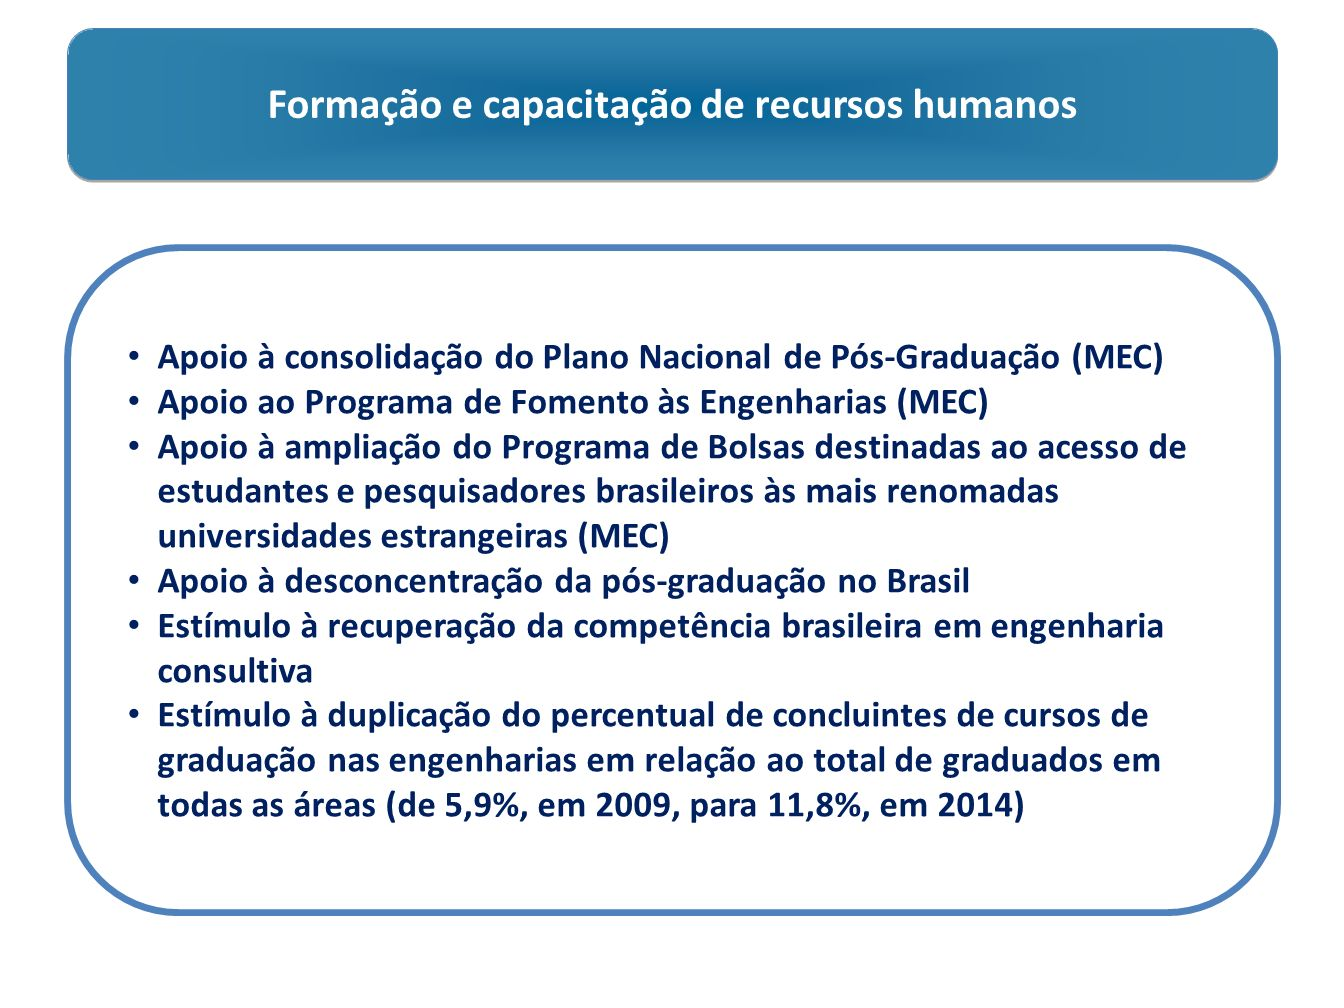 Formação e capacitação de recursos humanos